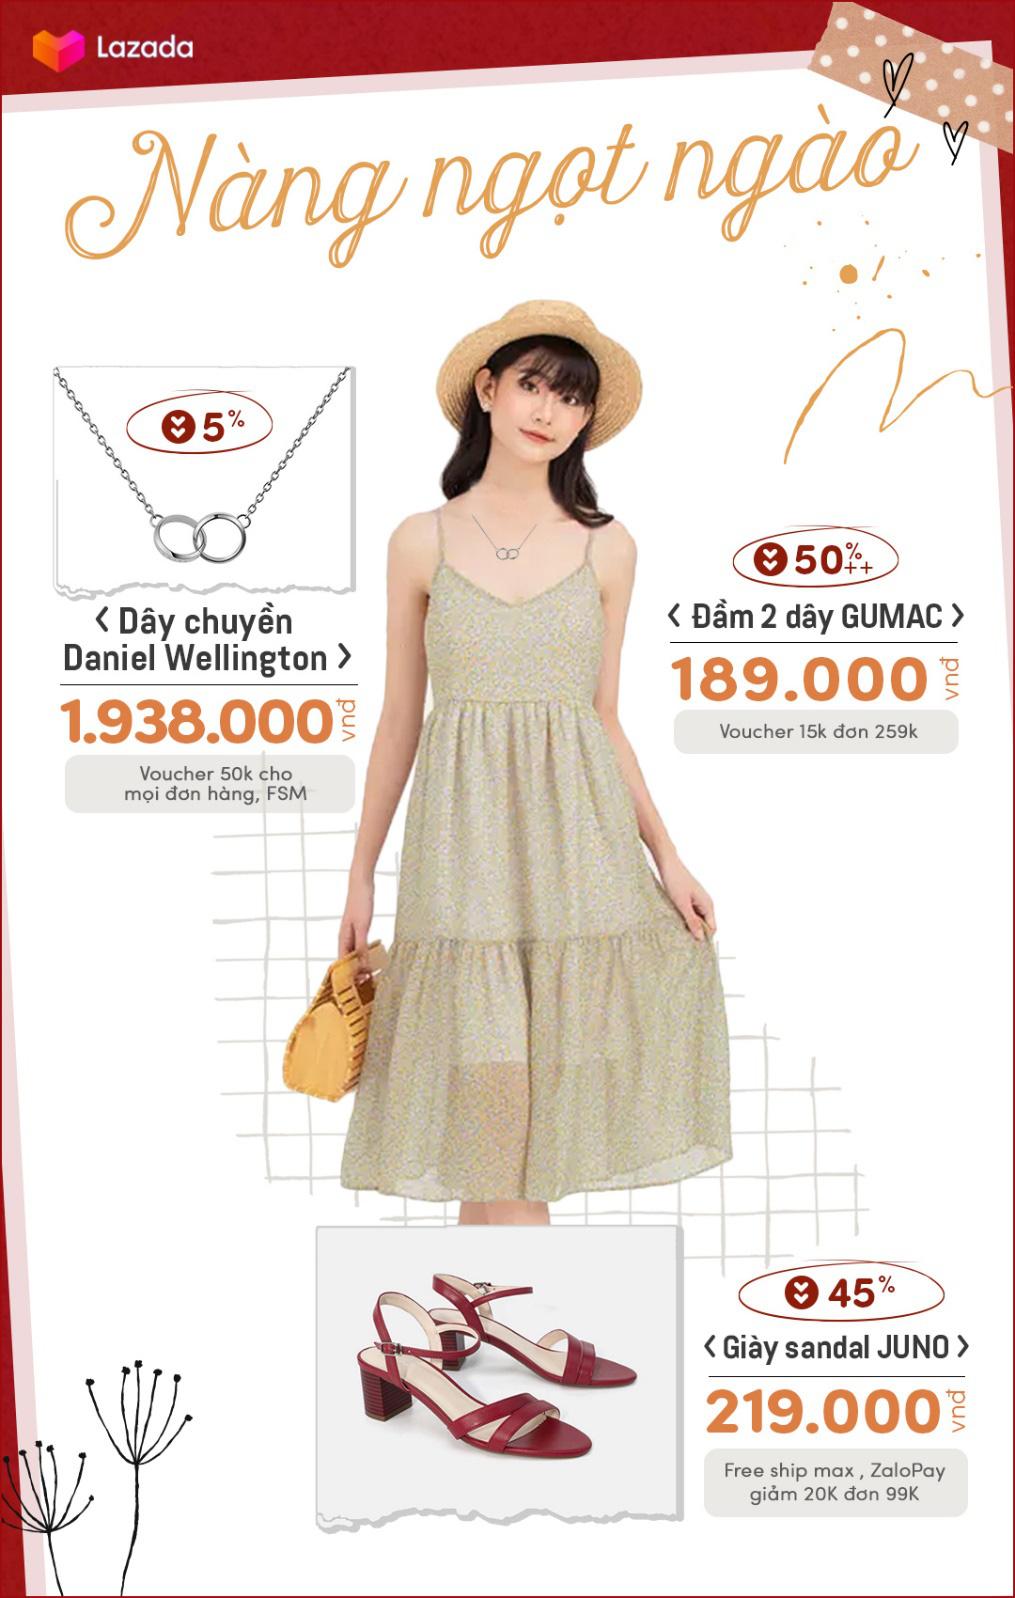 4 set đồ cho hội nam thanh nữ tú đẹp chuẩn fashionista khi vào thu, sale tới 50%++ trên Lazada mà toàn món đẹp mê - Ảnh 1.